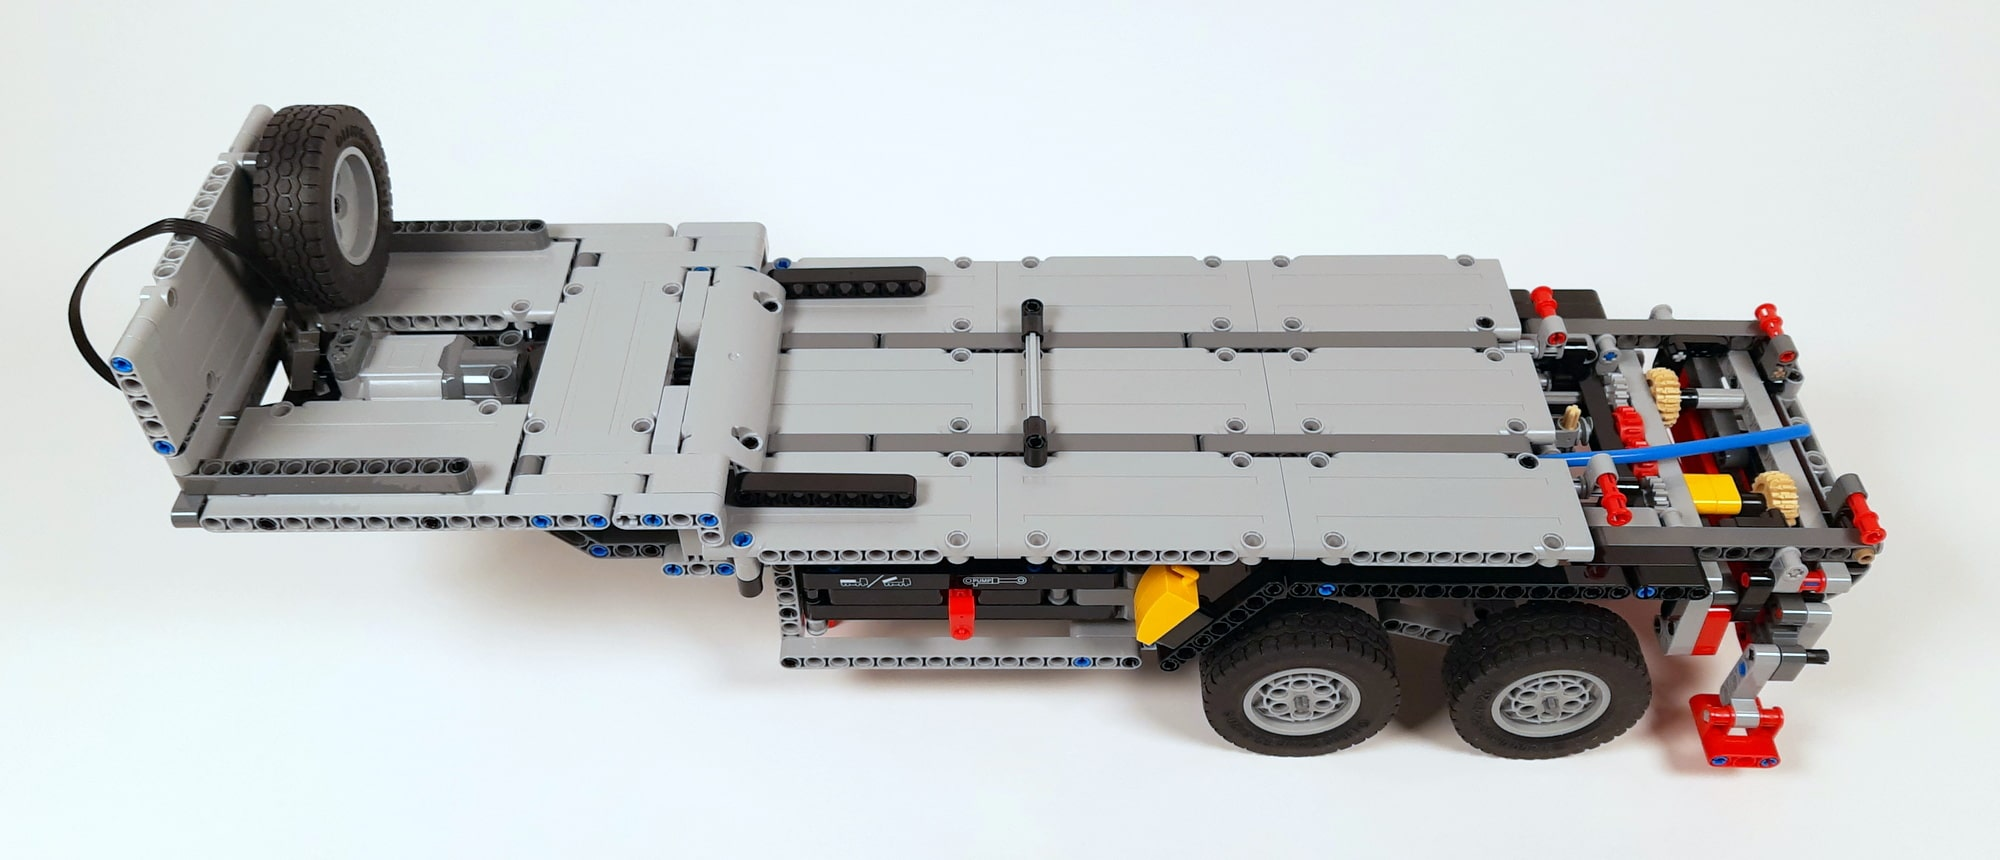 LEGO 42023 Mercedes-Benz Arocs B-Modell - Bauabschnitt Auflieger 01